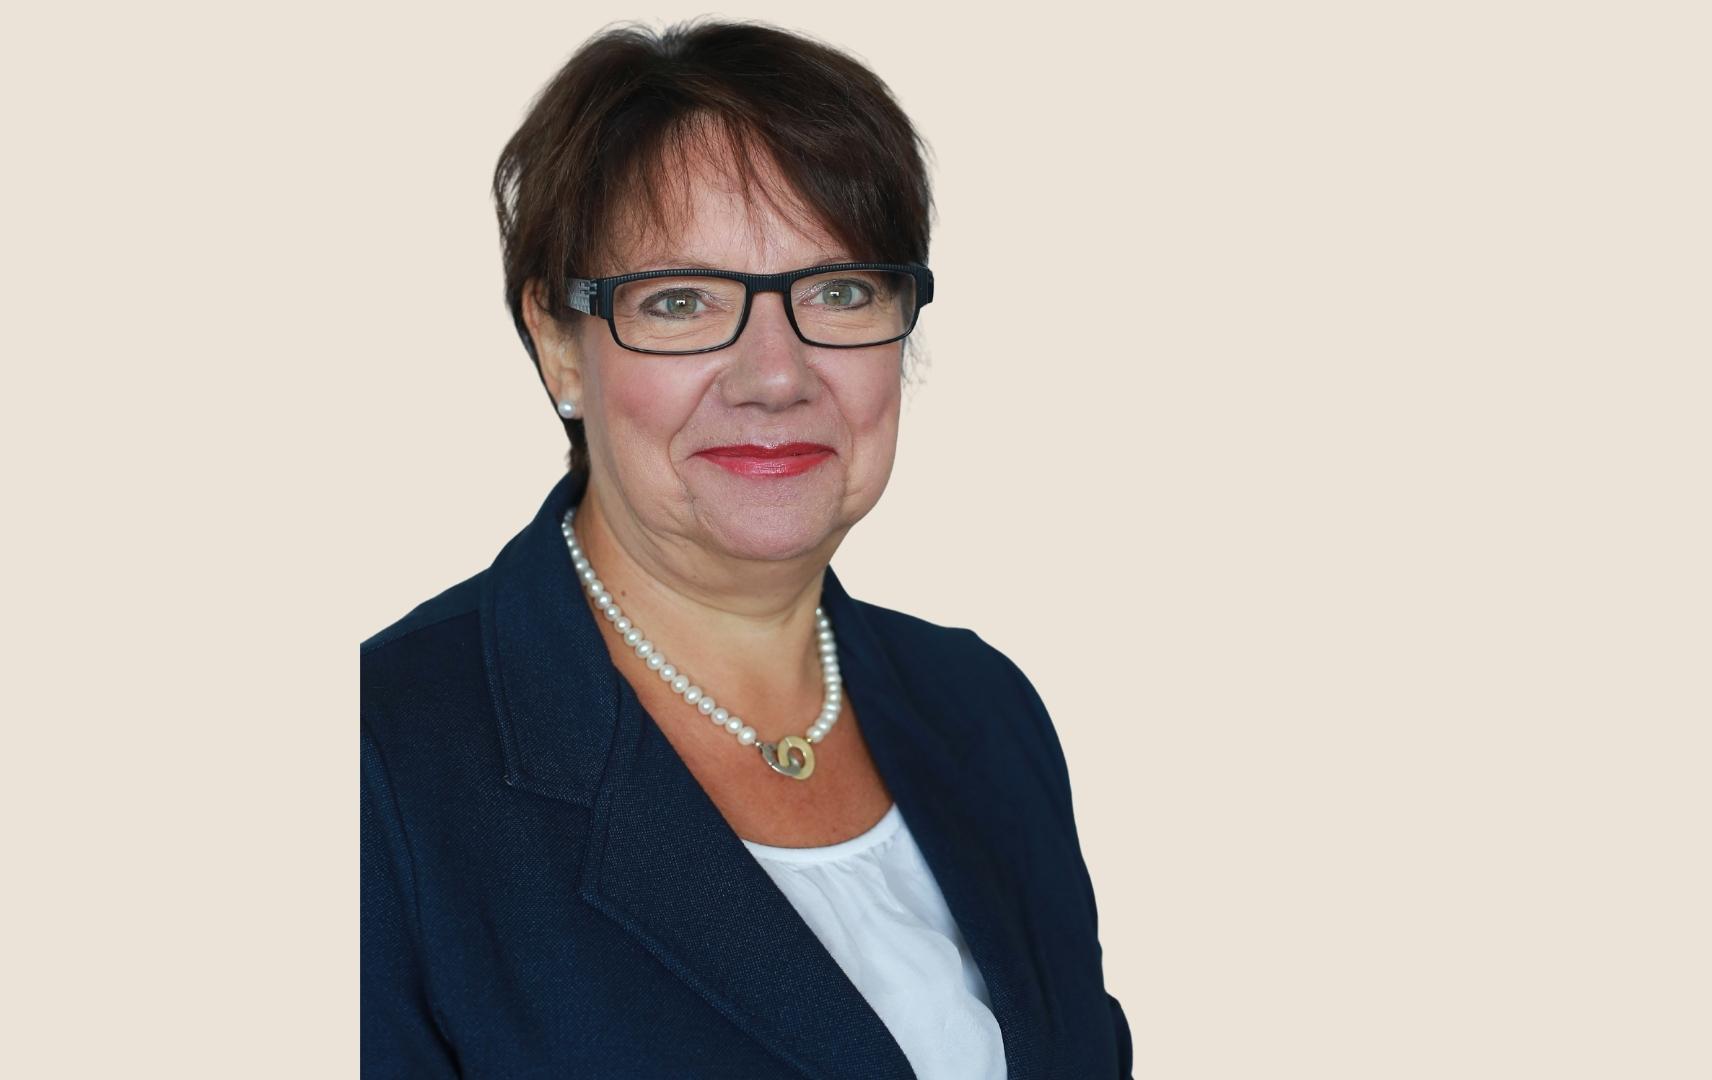 Ansprechpartnerin Gabi Bentfeld